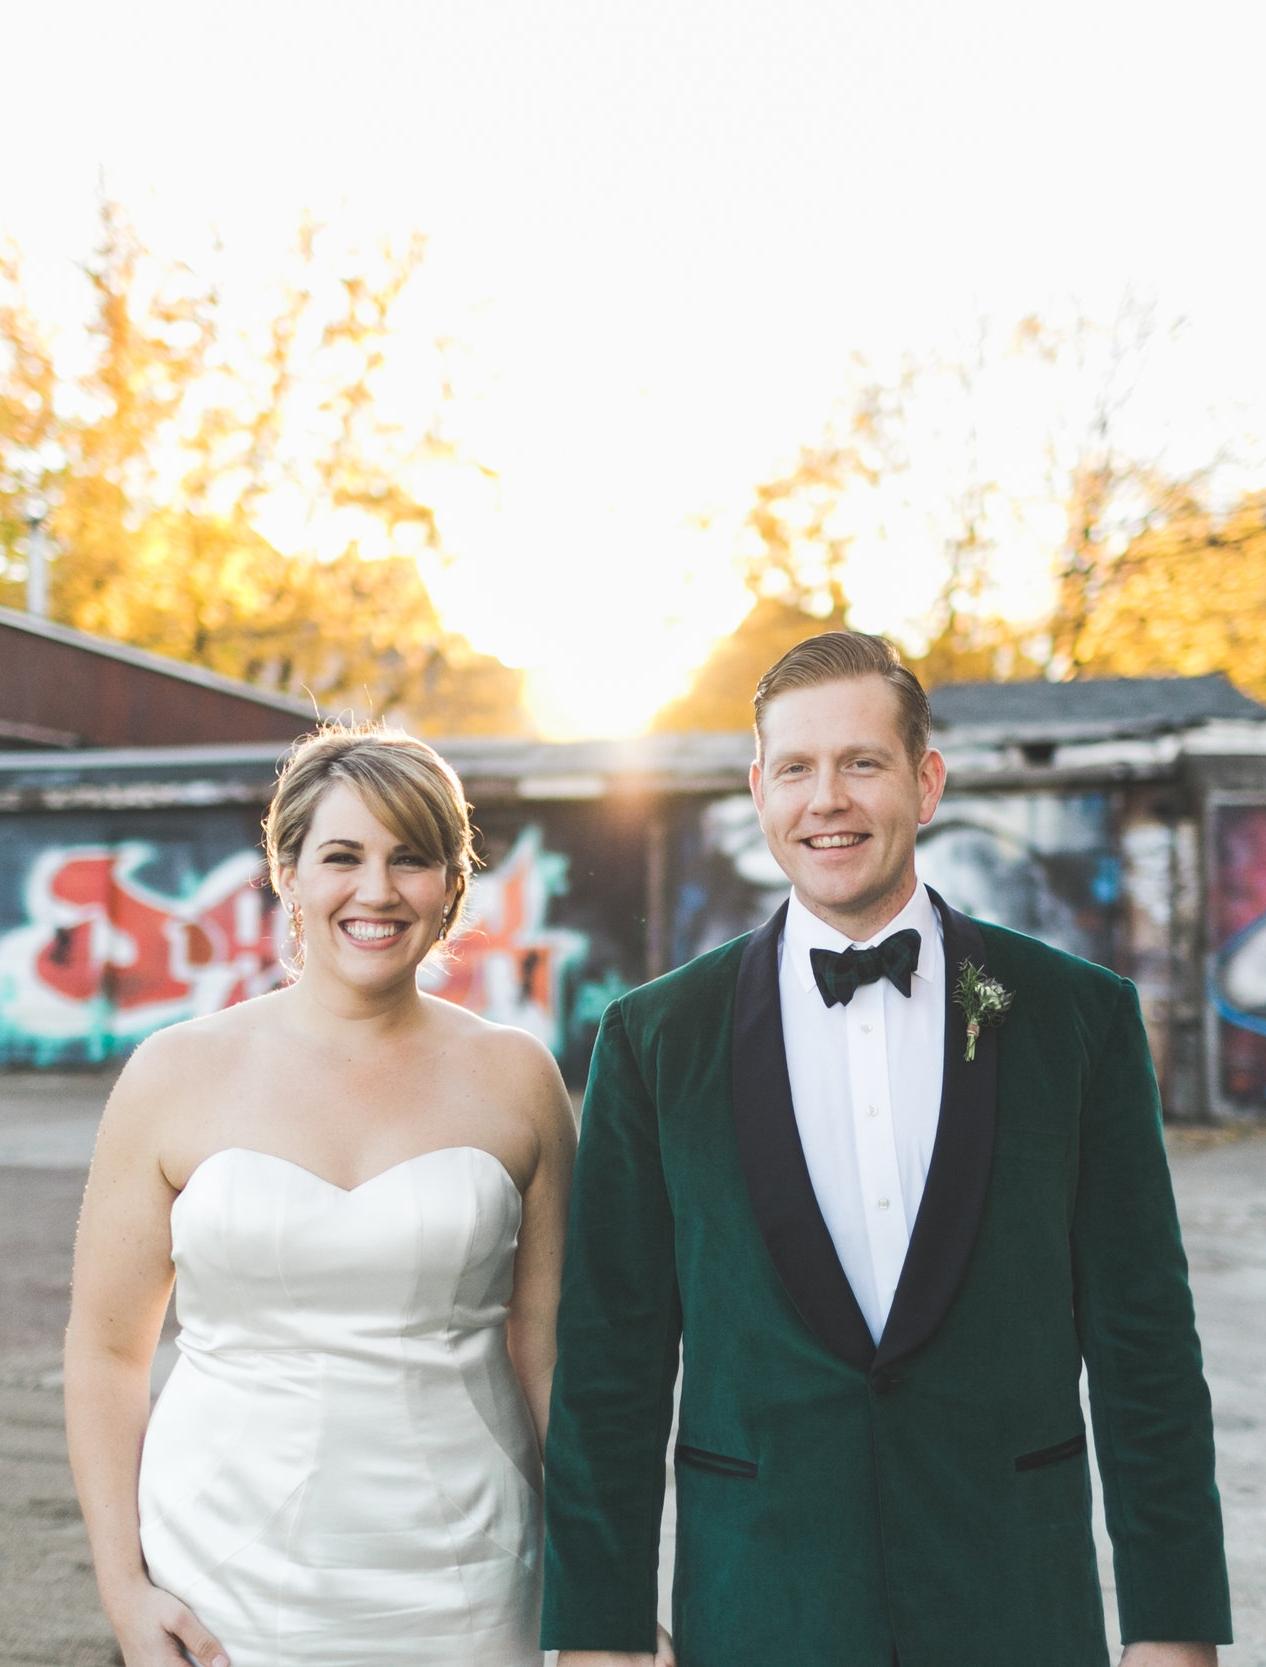 Becca and Bert Uppercut Gym Wedding Jonny and Liz